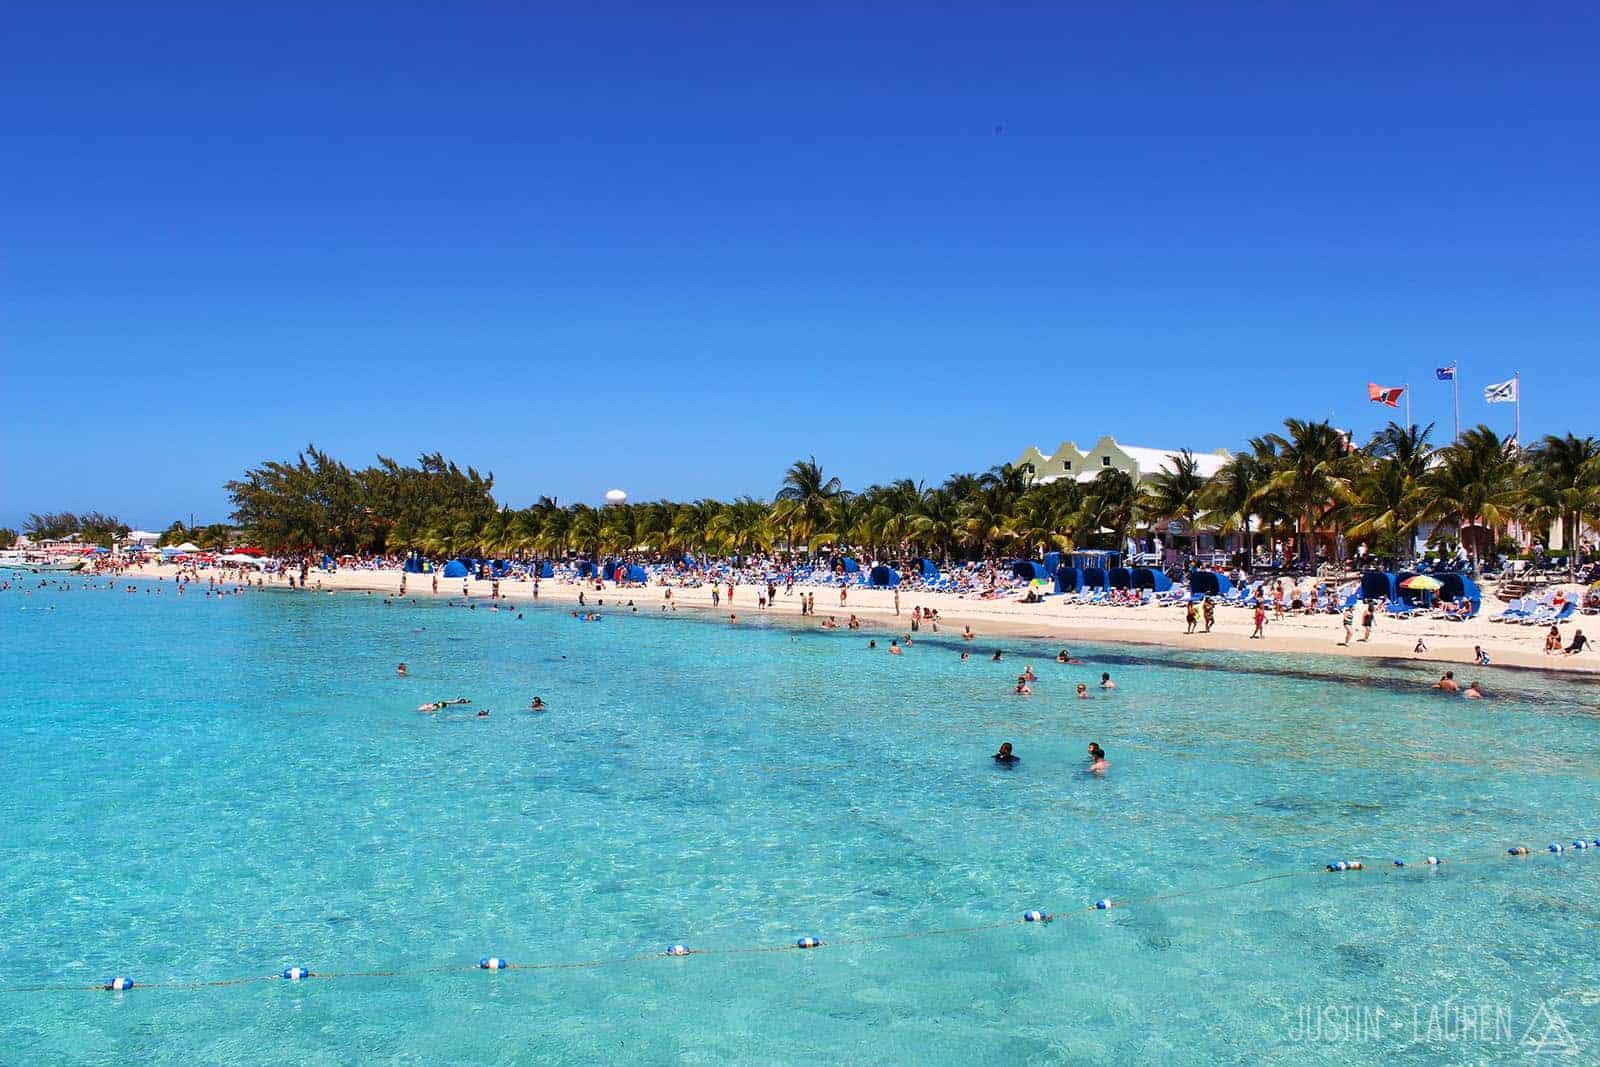 Grand Turk - Beach by cruise pier